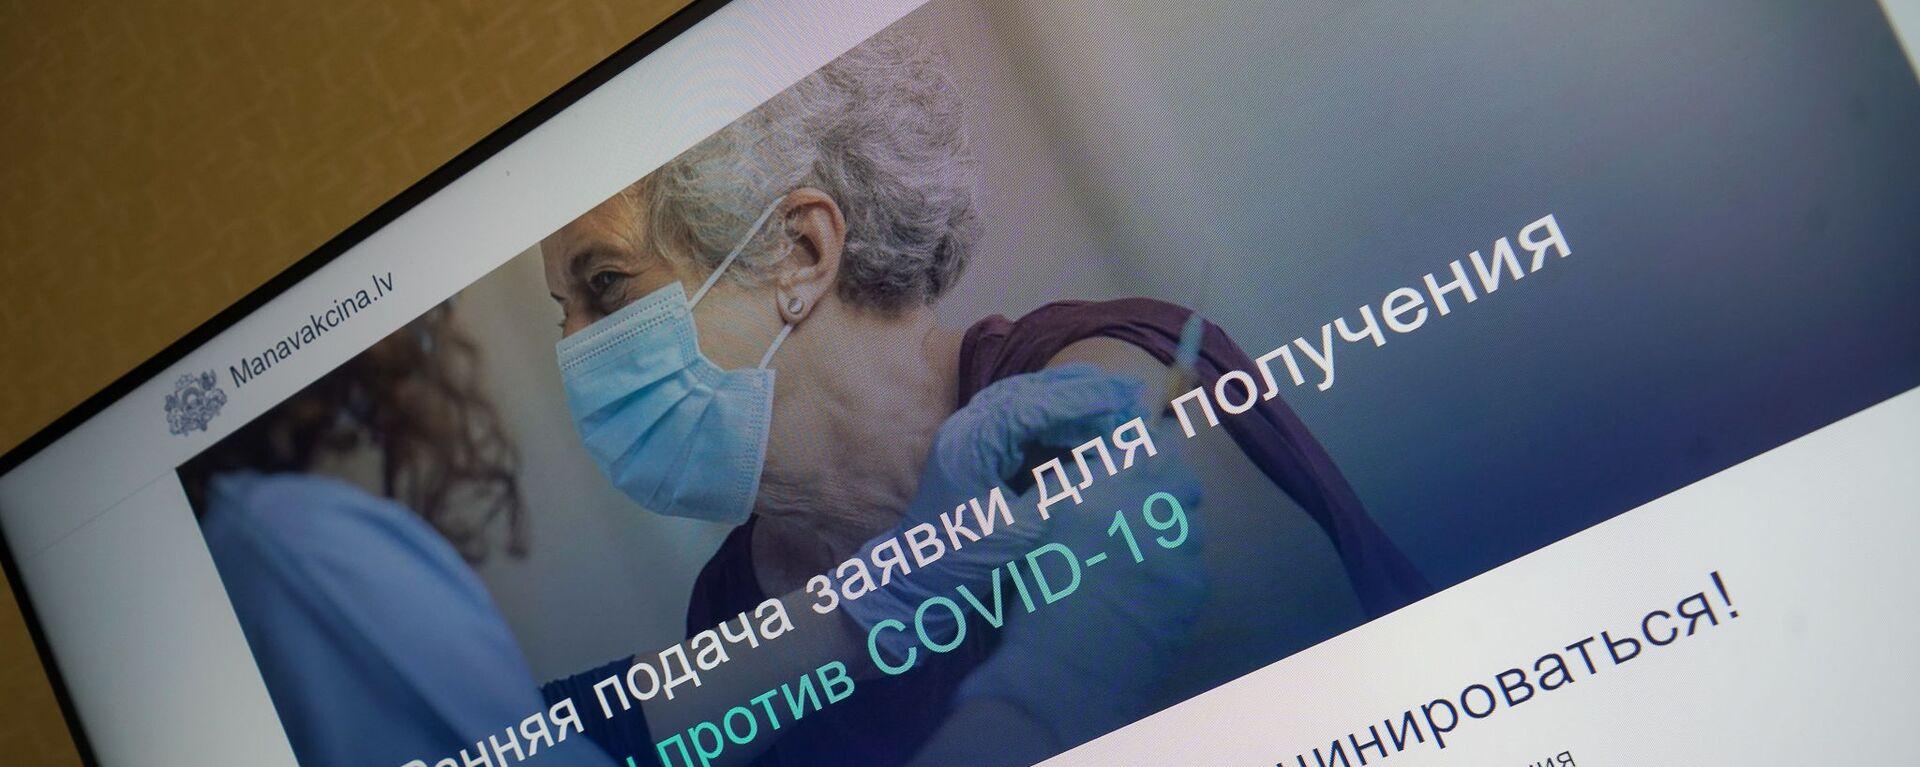 Латвийский сайт manavakcina.lv для подачи заявки на вакцинацию от COVID-19 - Sputnik Латвия, 1920, 24.05.2021